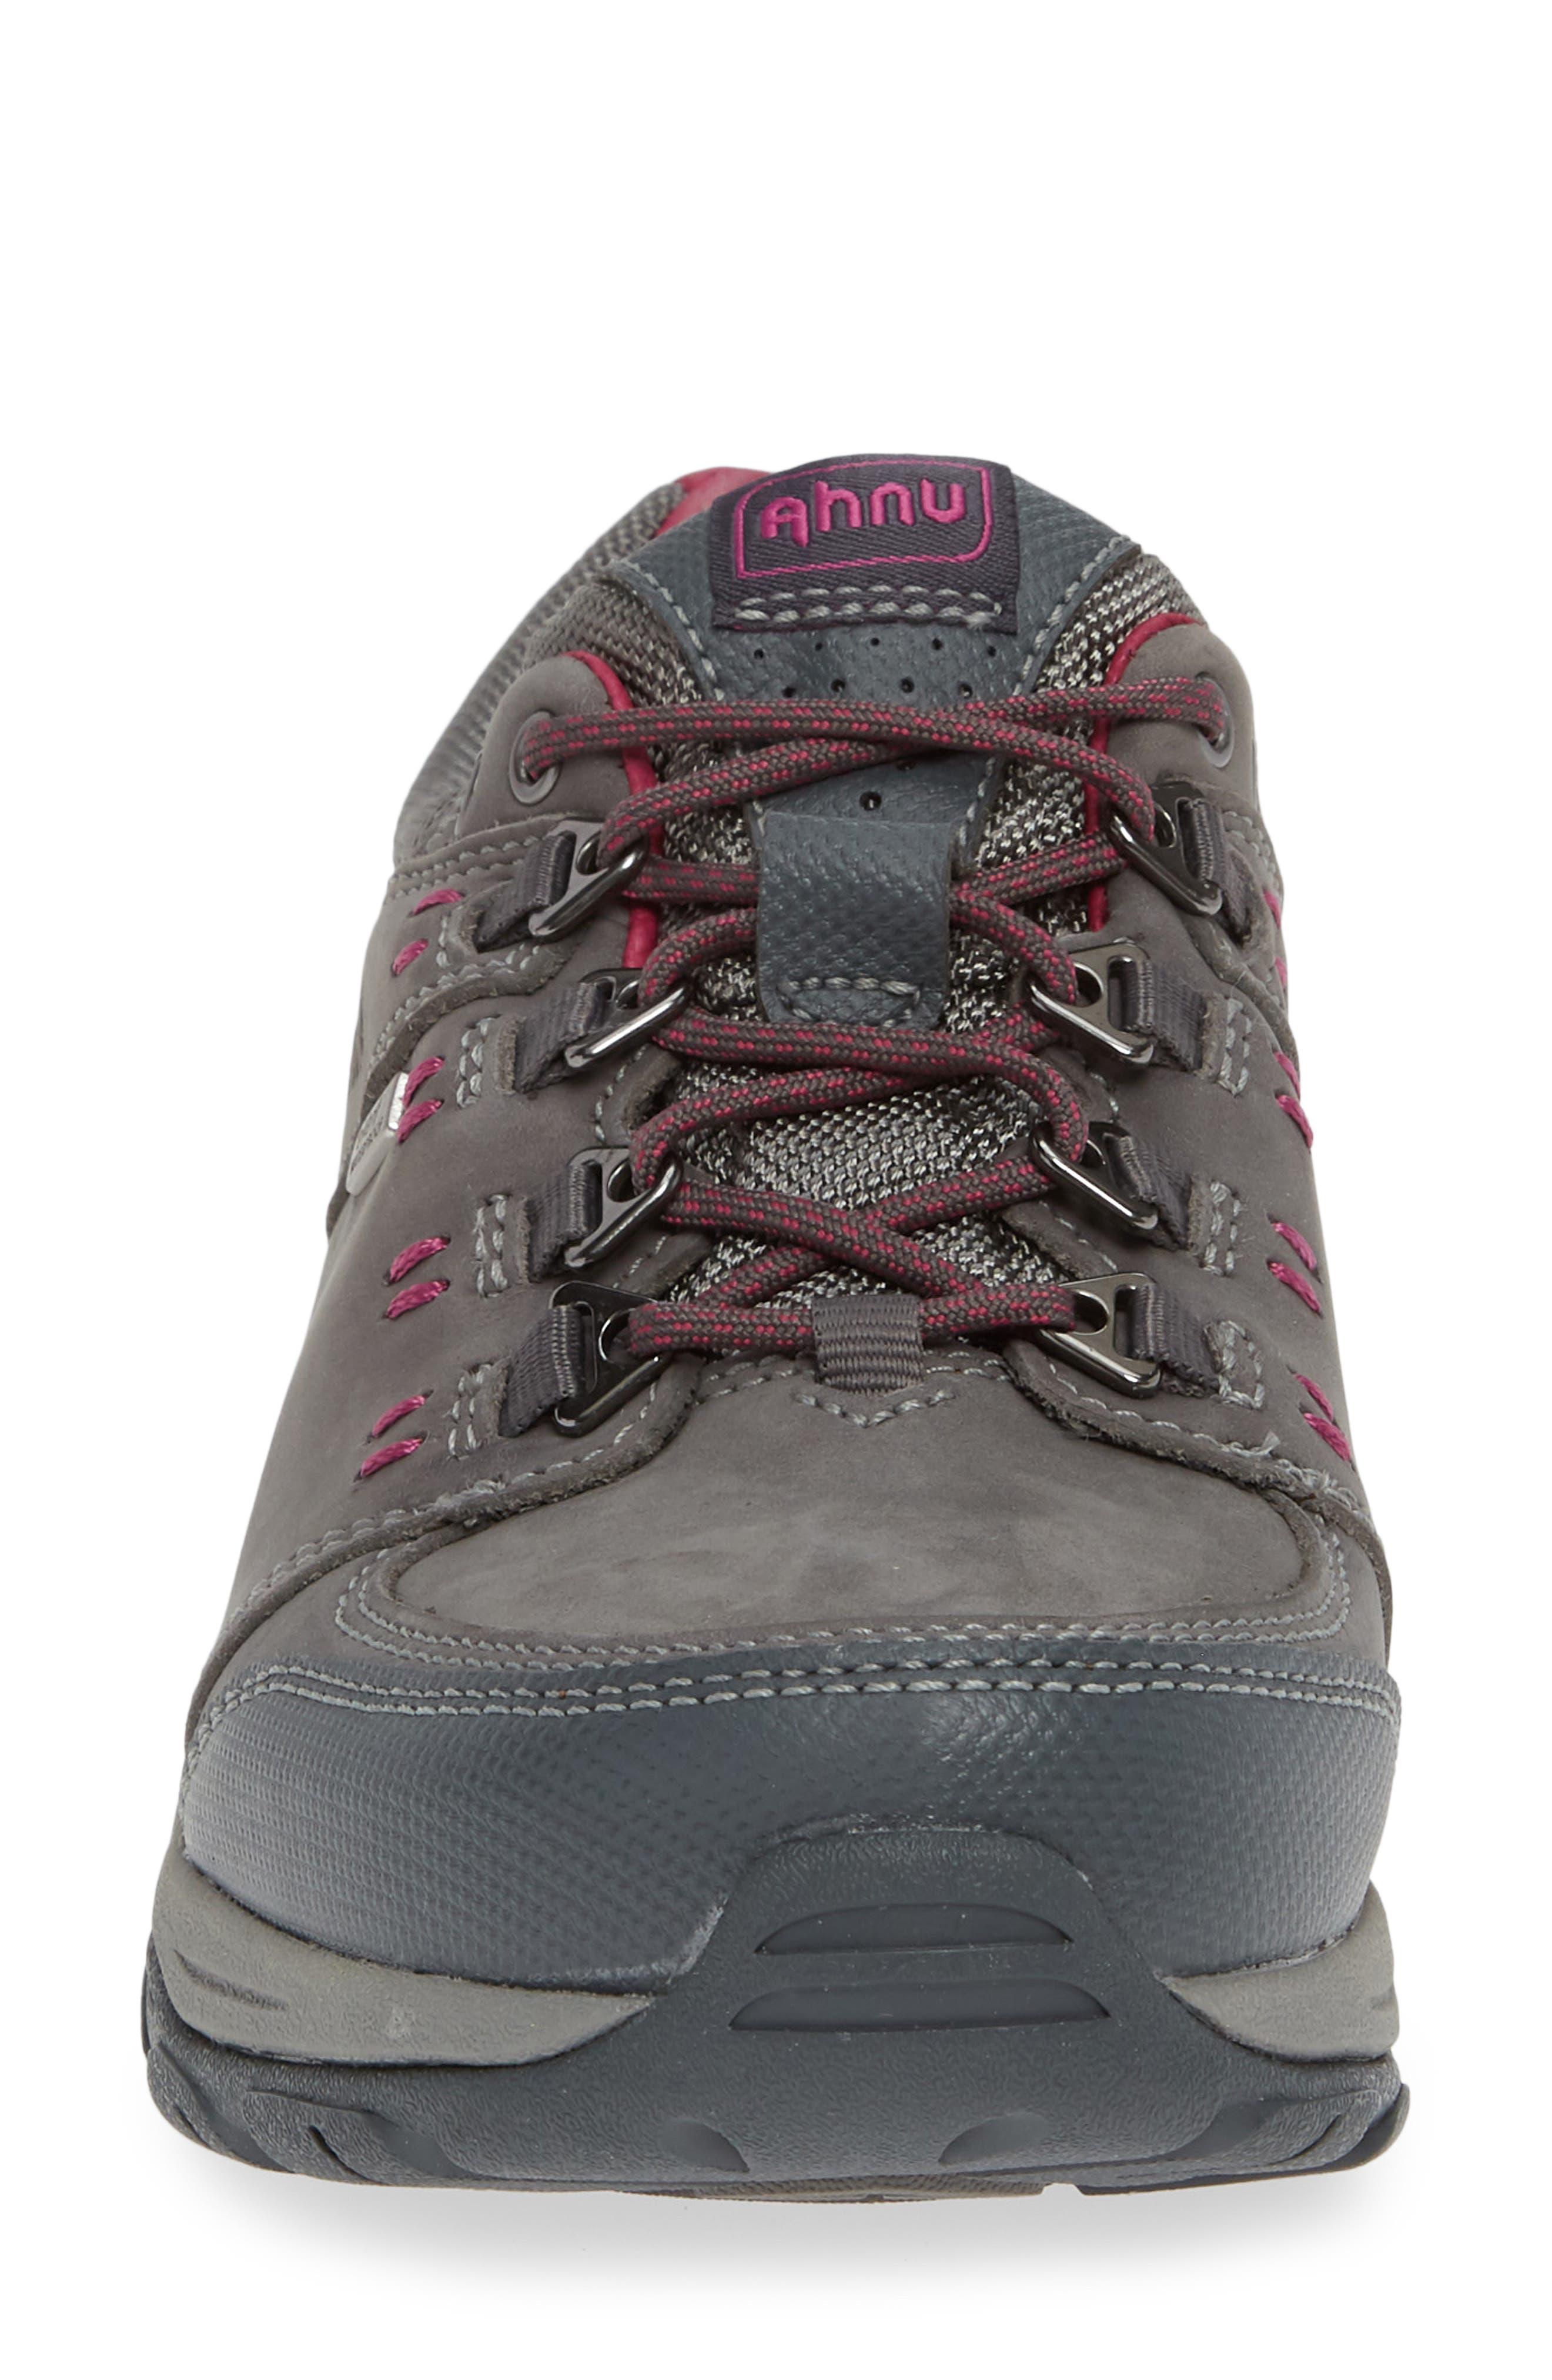 TEVA,                             Ahnu by Teva Montara III Waterproof Hiking Sneaker,                             Alternate thumbnail 4, color,                             CHARCOAL GRAY NUBUCK LEATHER